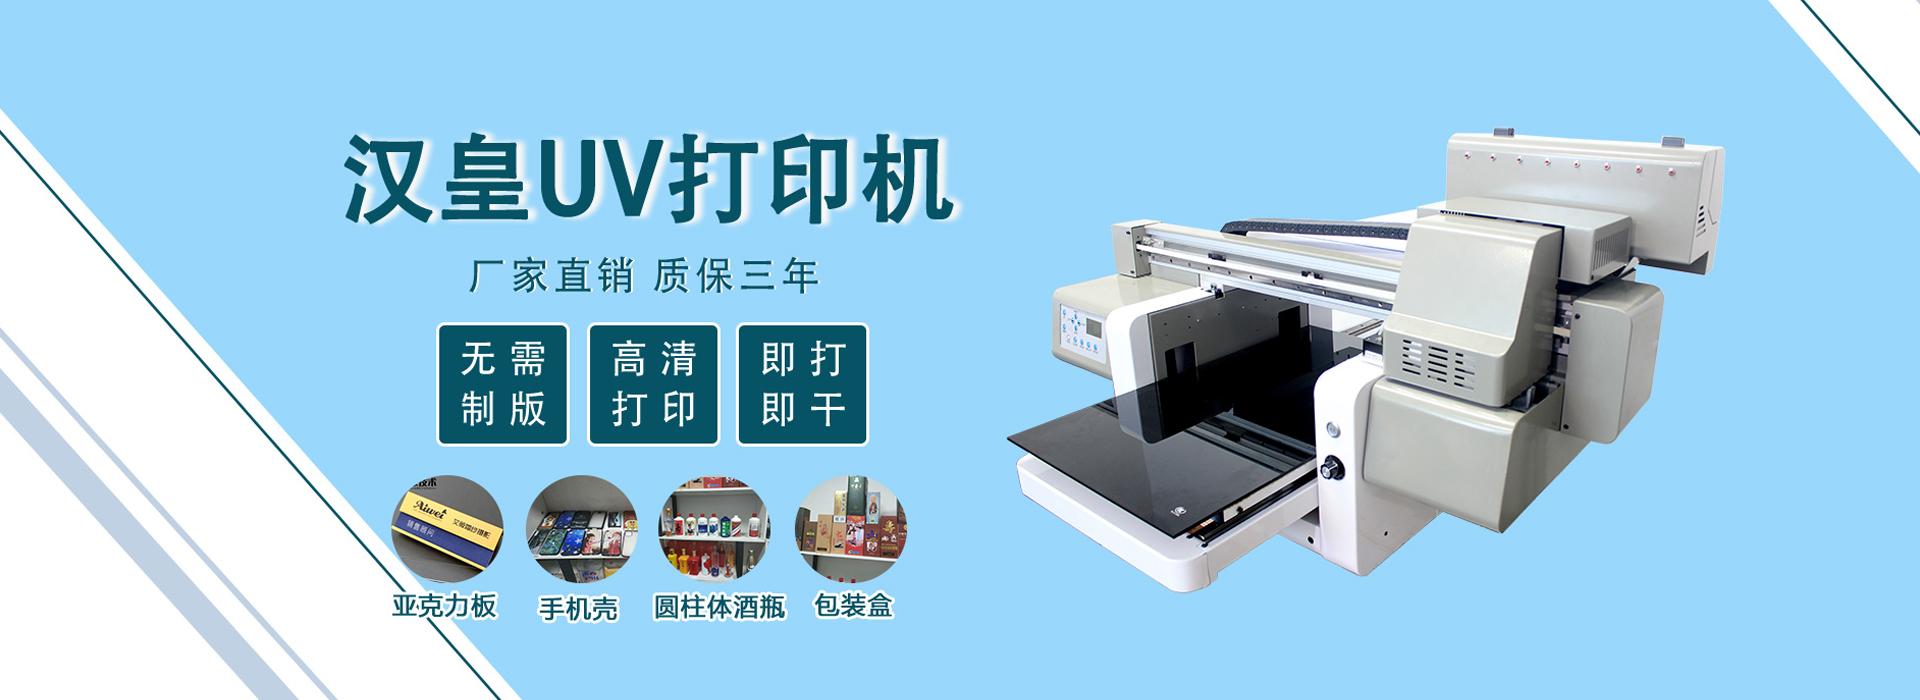 汉皇2513uv平板打印机